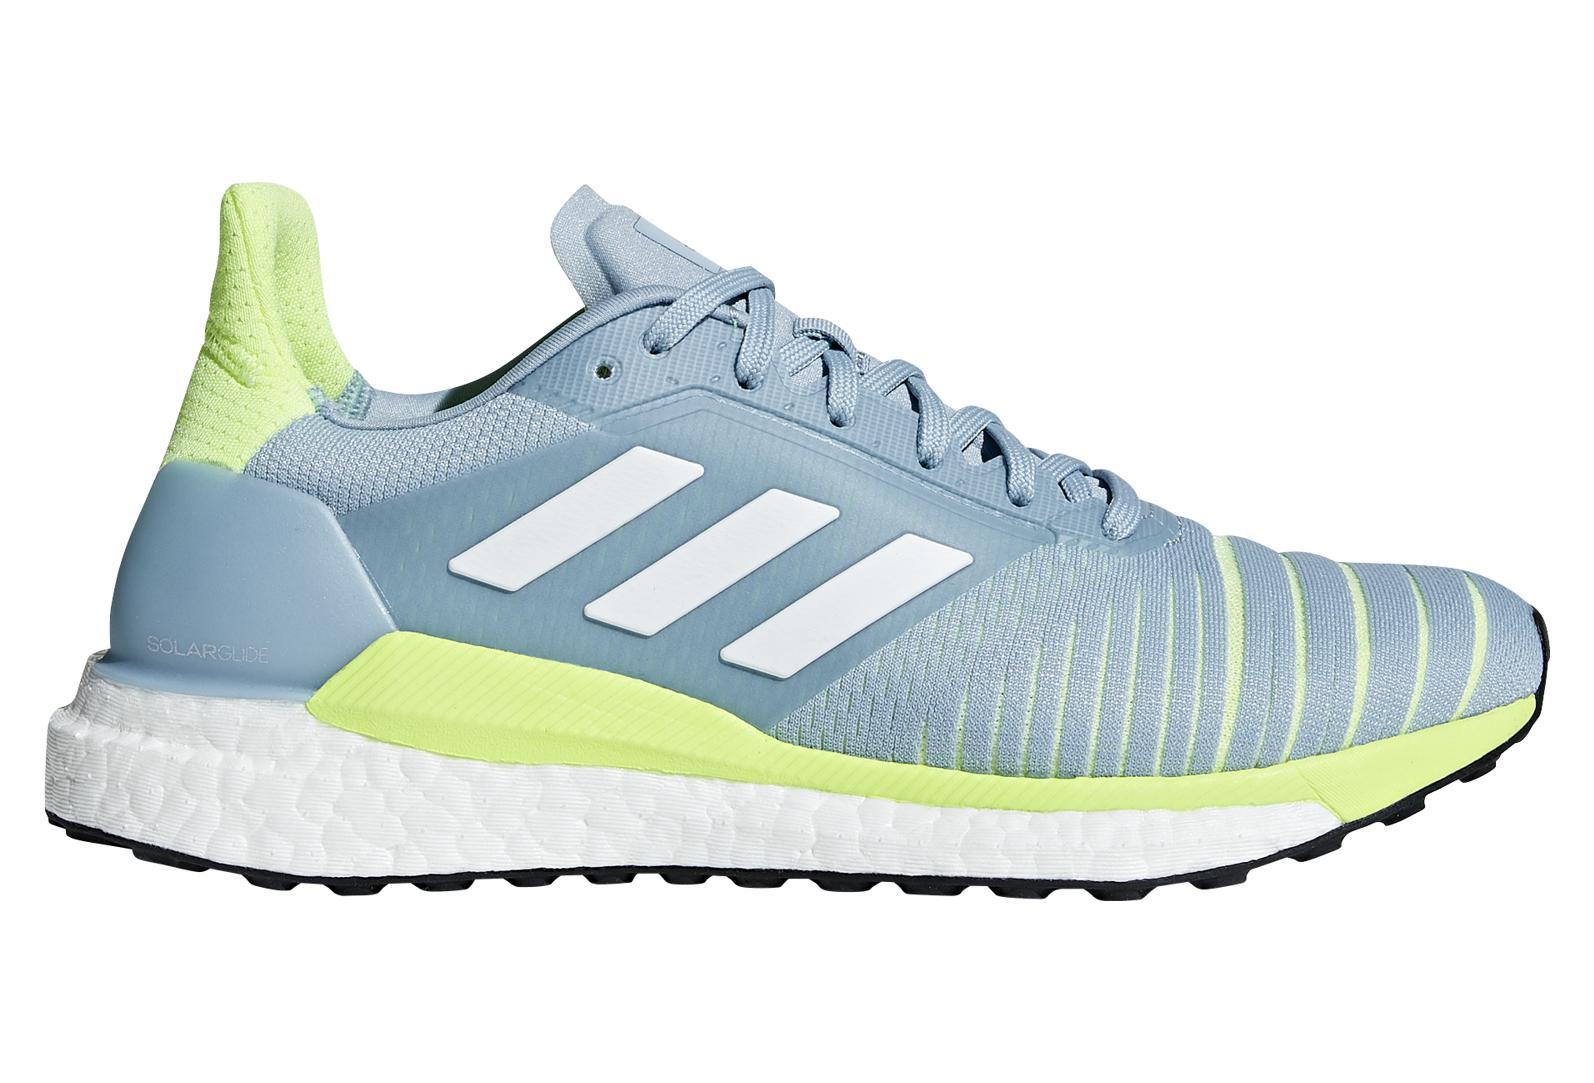 sports shoes dbcf7 f2164 Chaussures de Running Femme adidas running SOLAR GLIDE Bleu   Vert